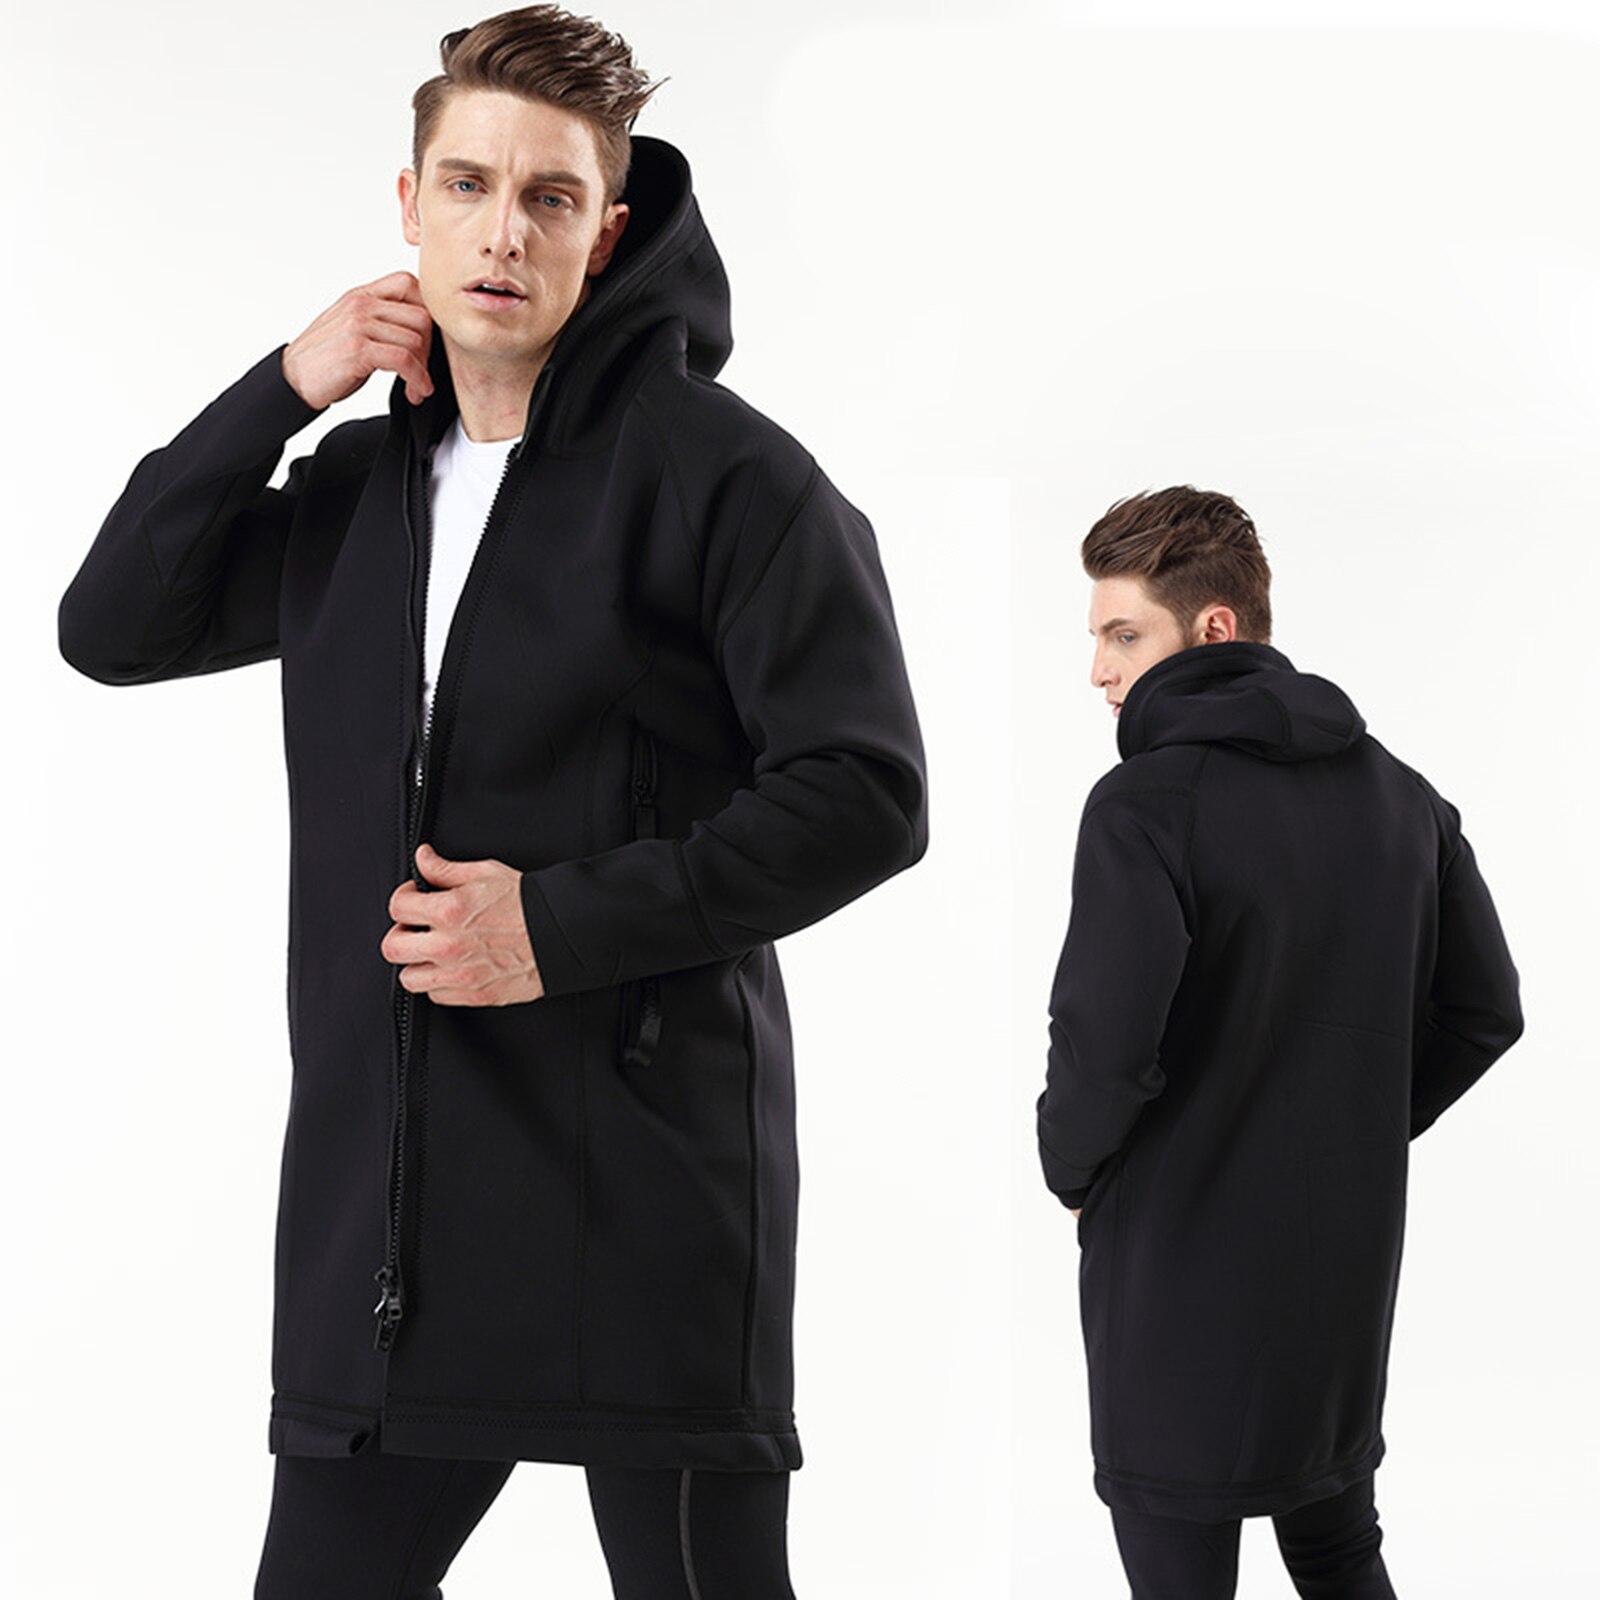 الرجال سترة المطر يندبروف مقنعين معطف طويل معطف واق من المطر تصفح جيب المعطف